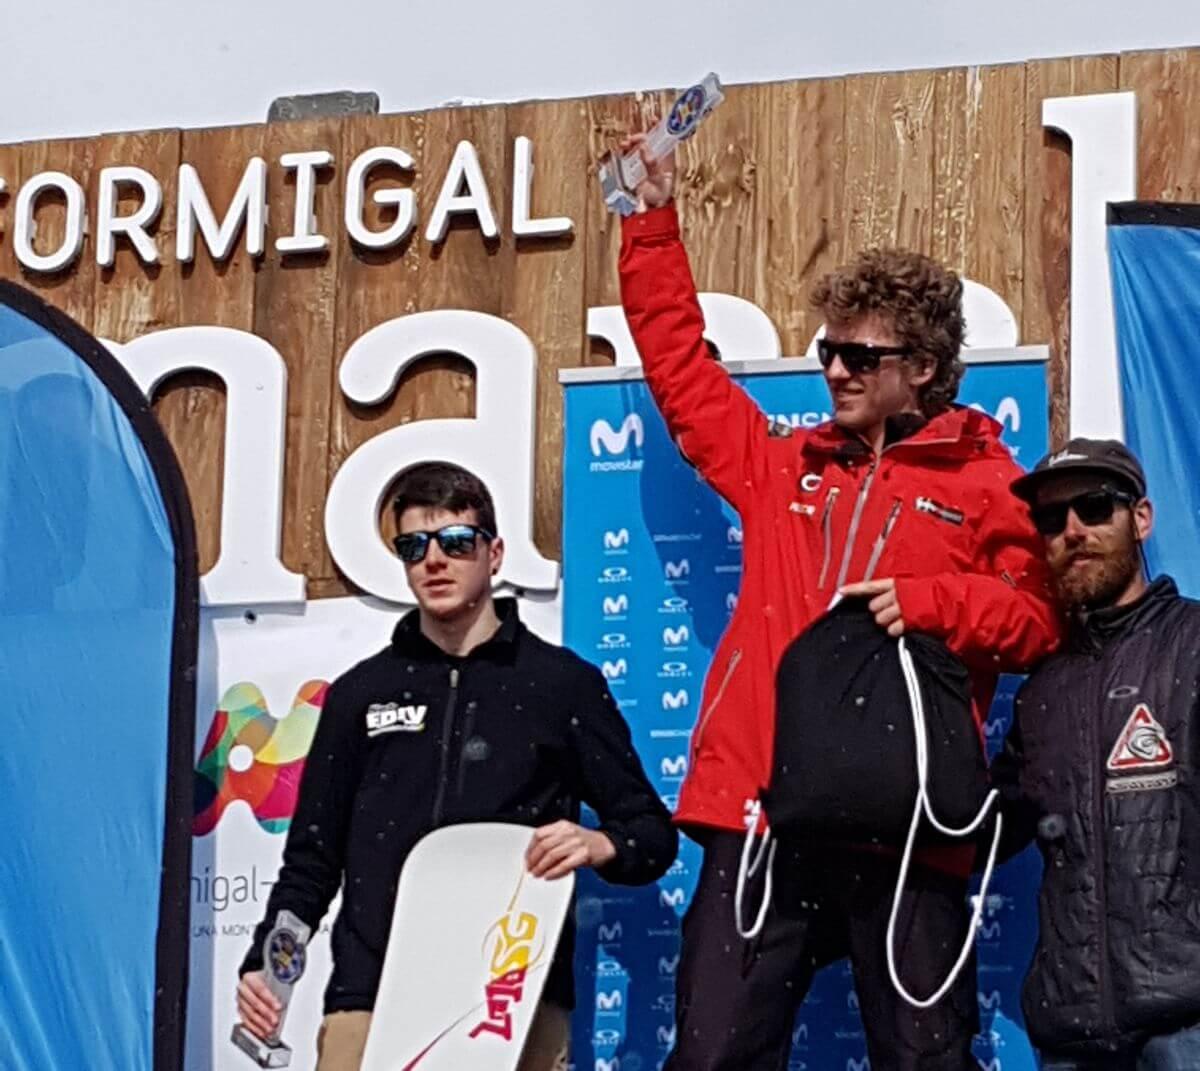 La jarrera Blanca Capellán, campeona de España de skicross en Aramón Formigal 1